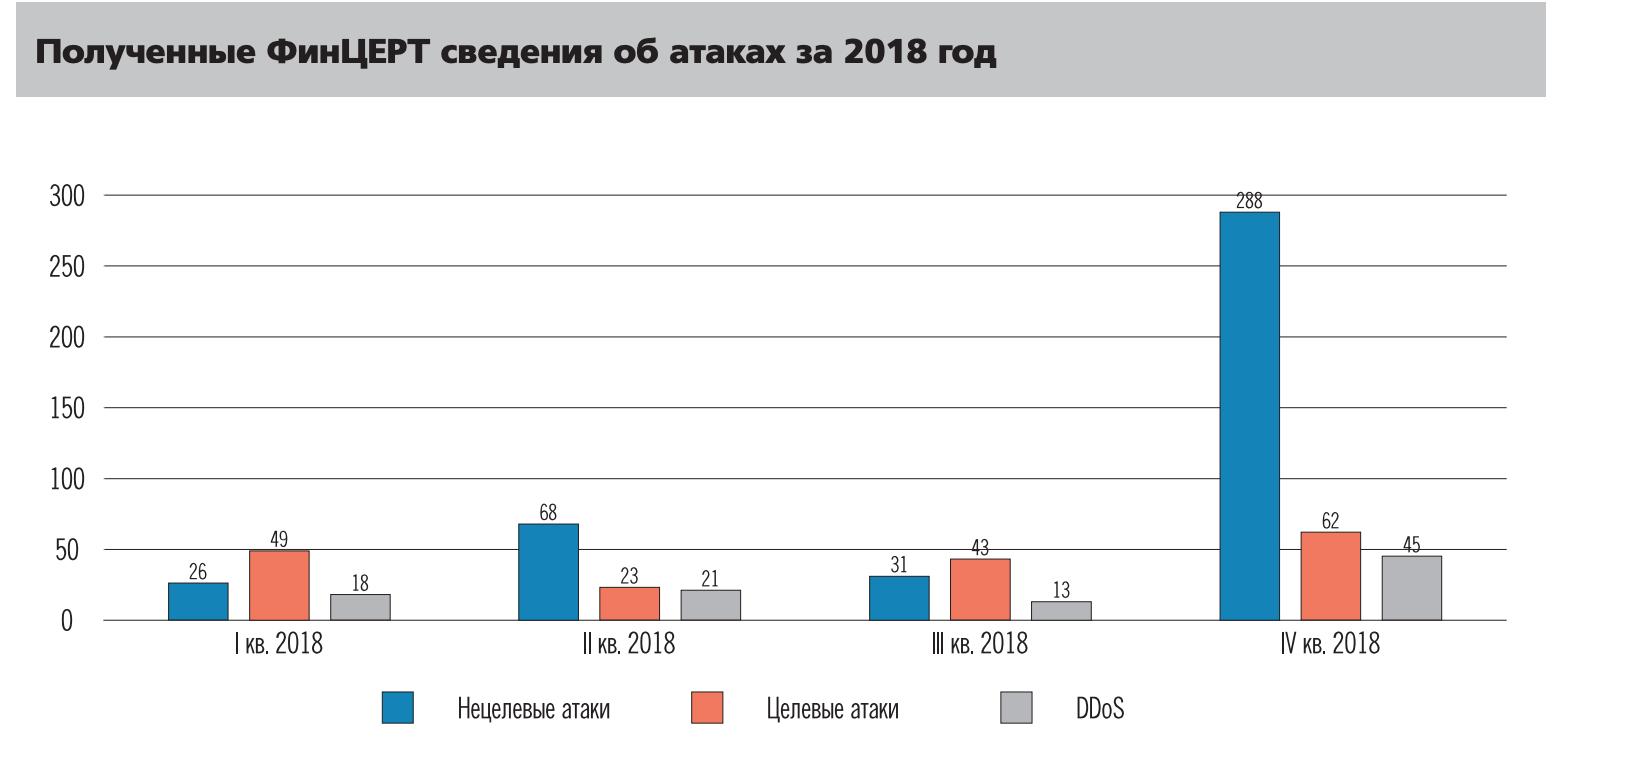 атаки на банки в 2018 году